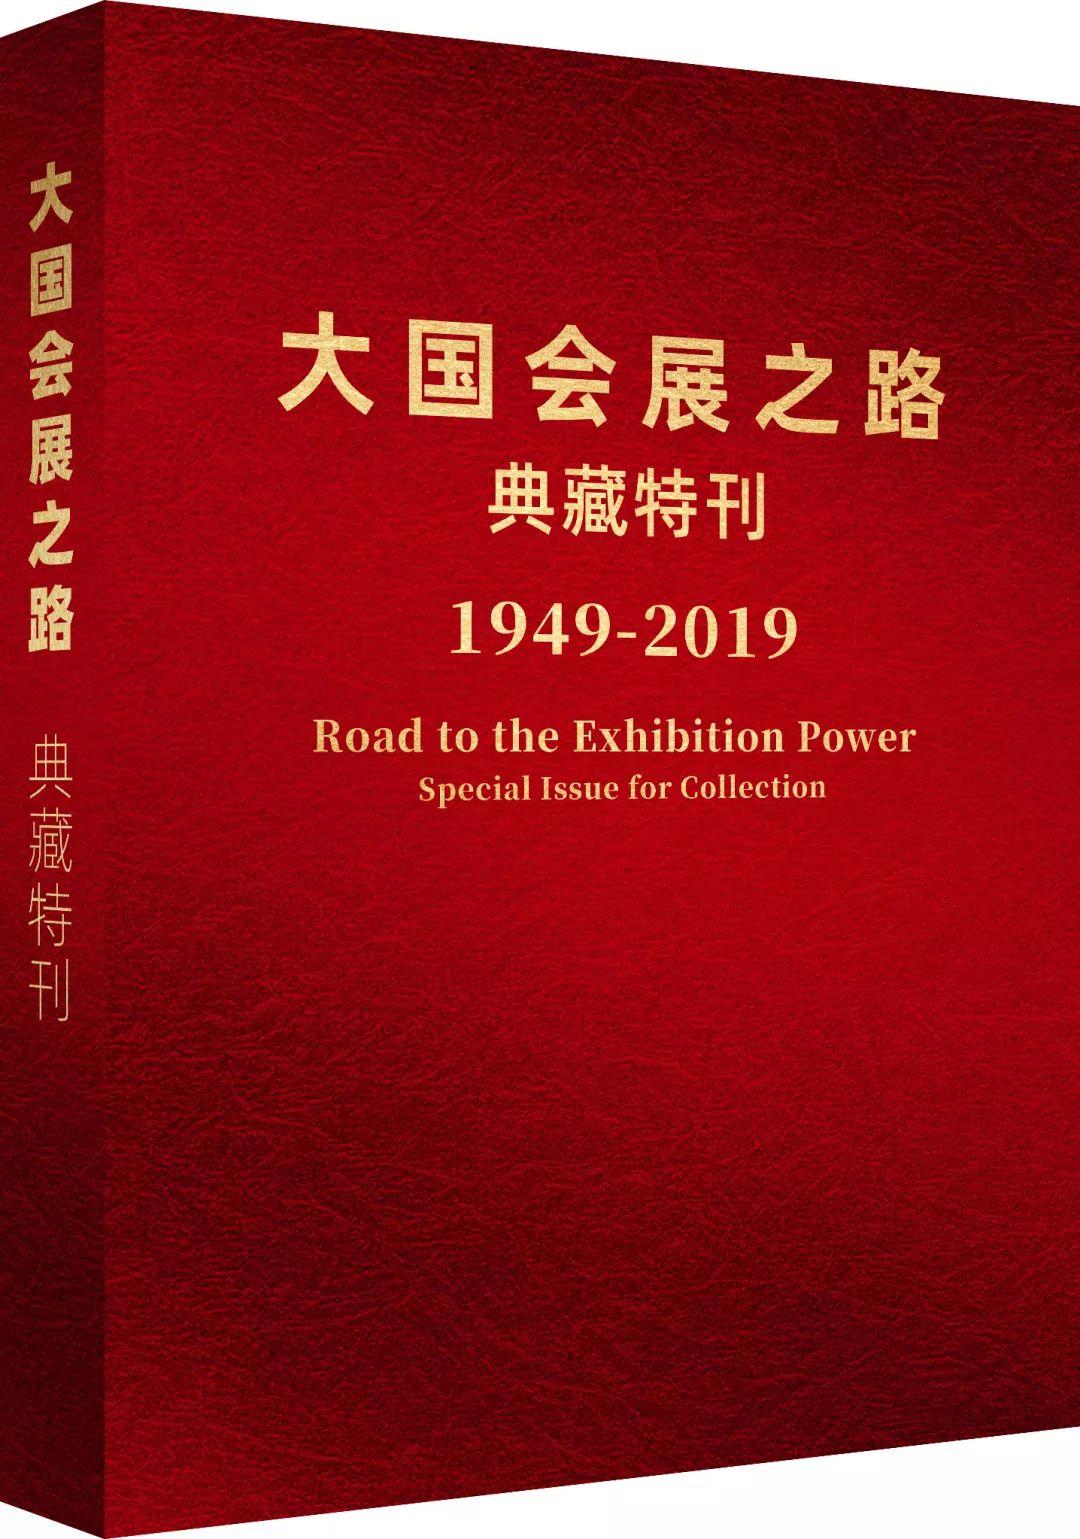 献礼70周年 《大国会展之路》典藏特刊预售开启!